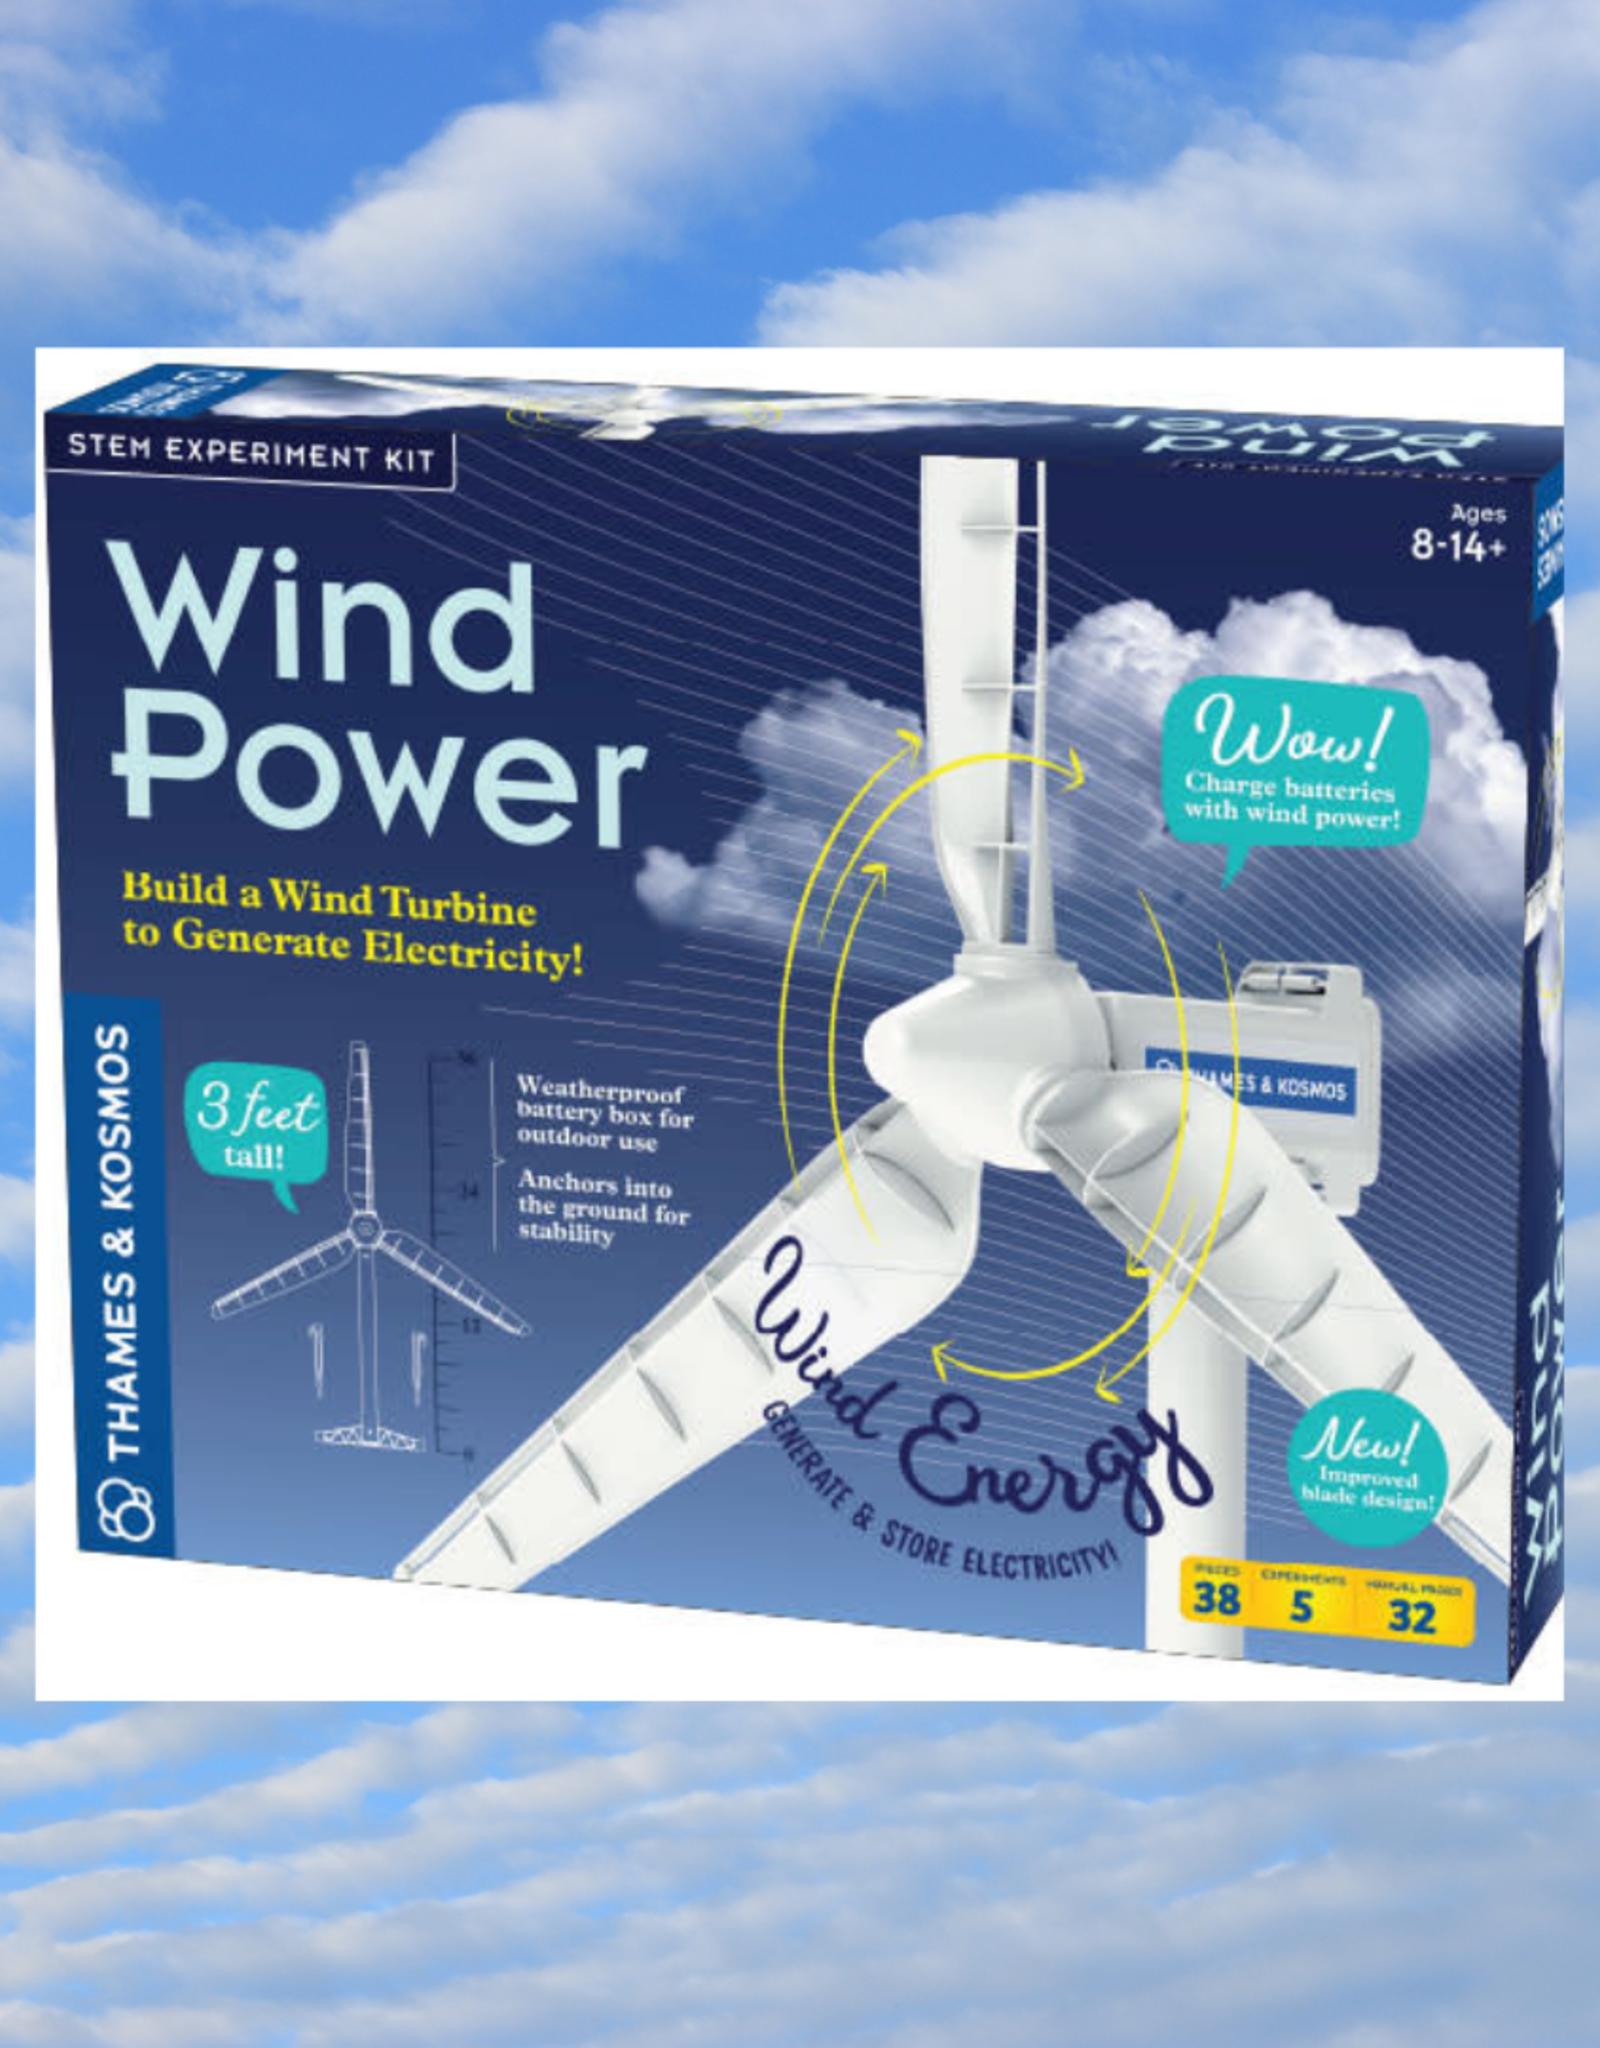 STEM EXPERIMENT KIT Wind Power (V 4.0)